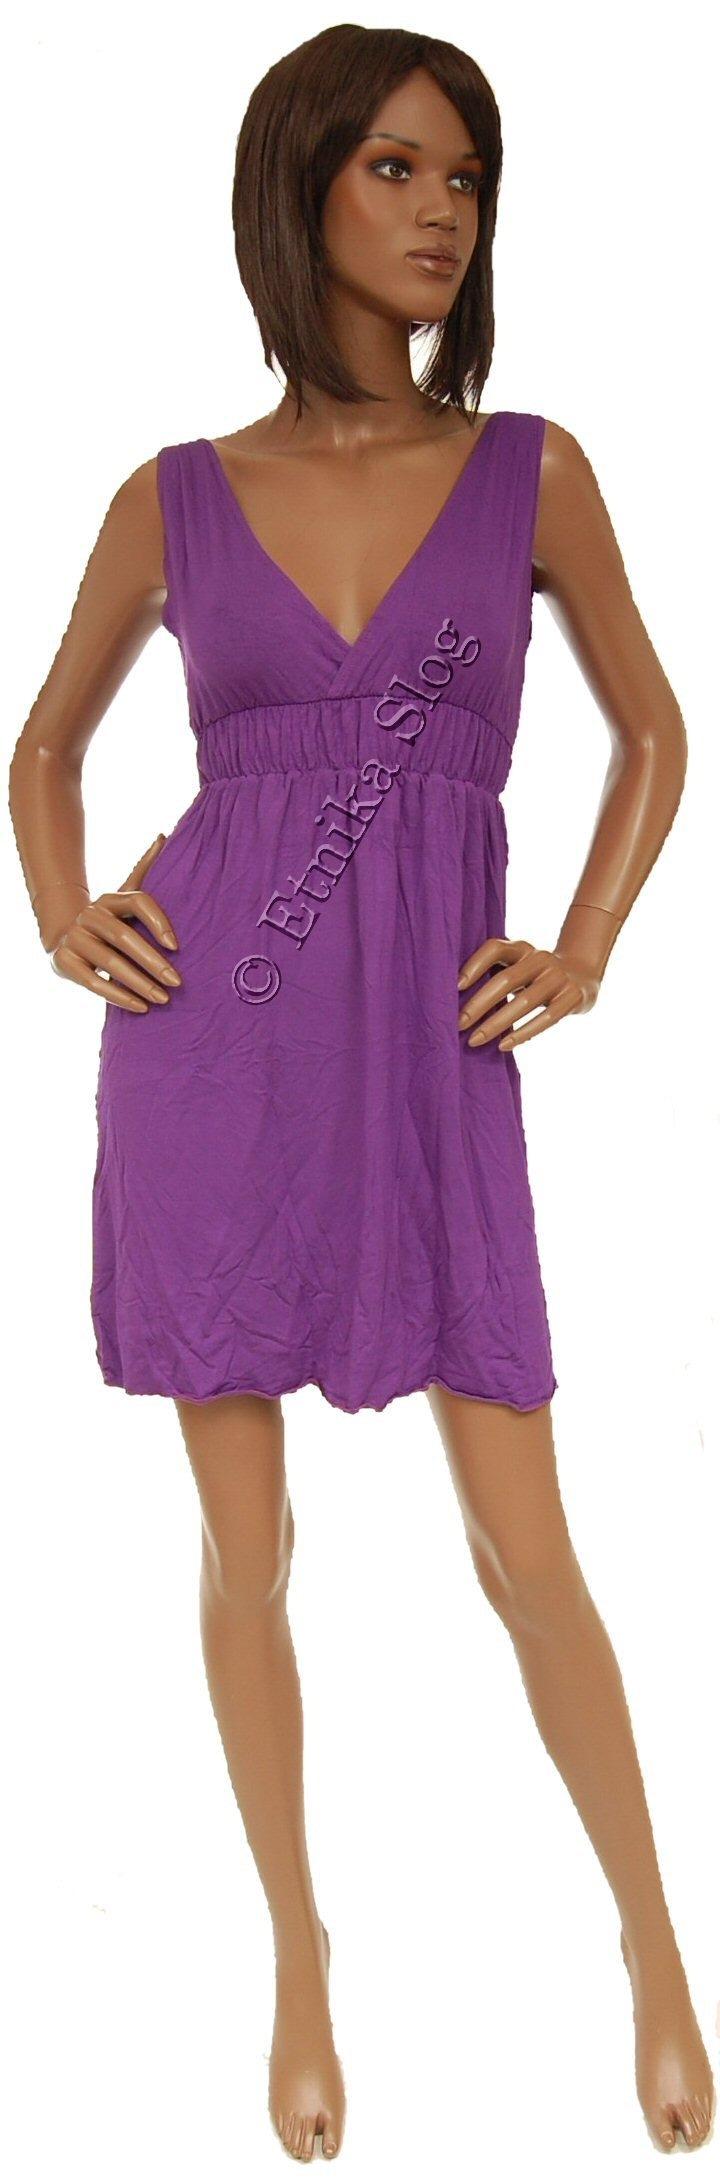 UNICOLOR JERSEY SUMMER DRESSES AB-THVS24 - Oriente Import S.r.l.